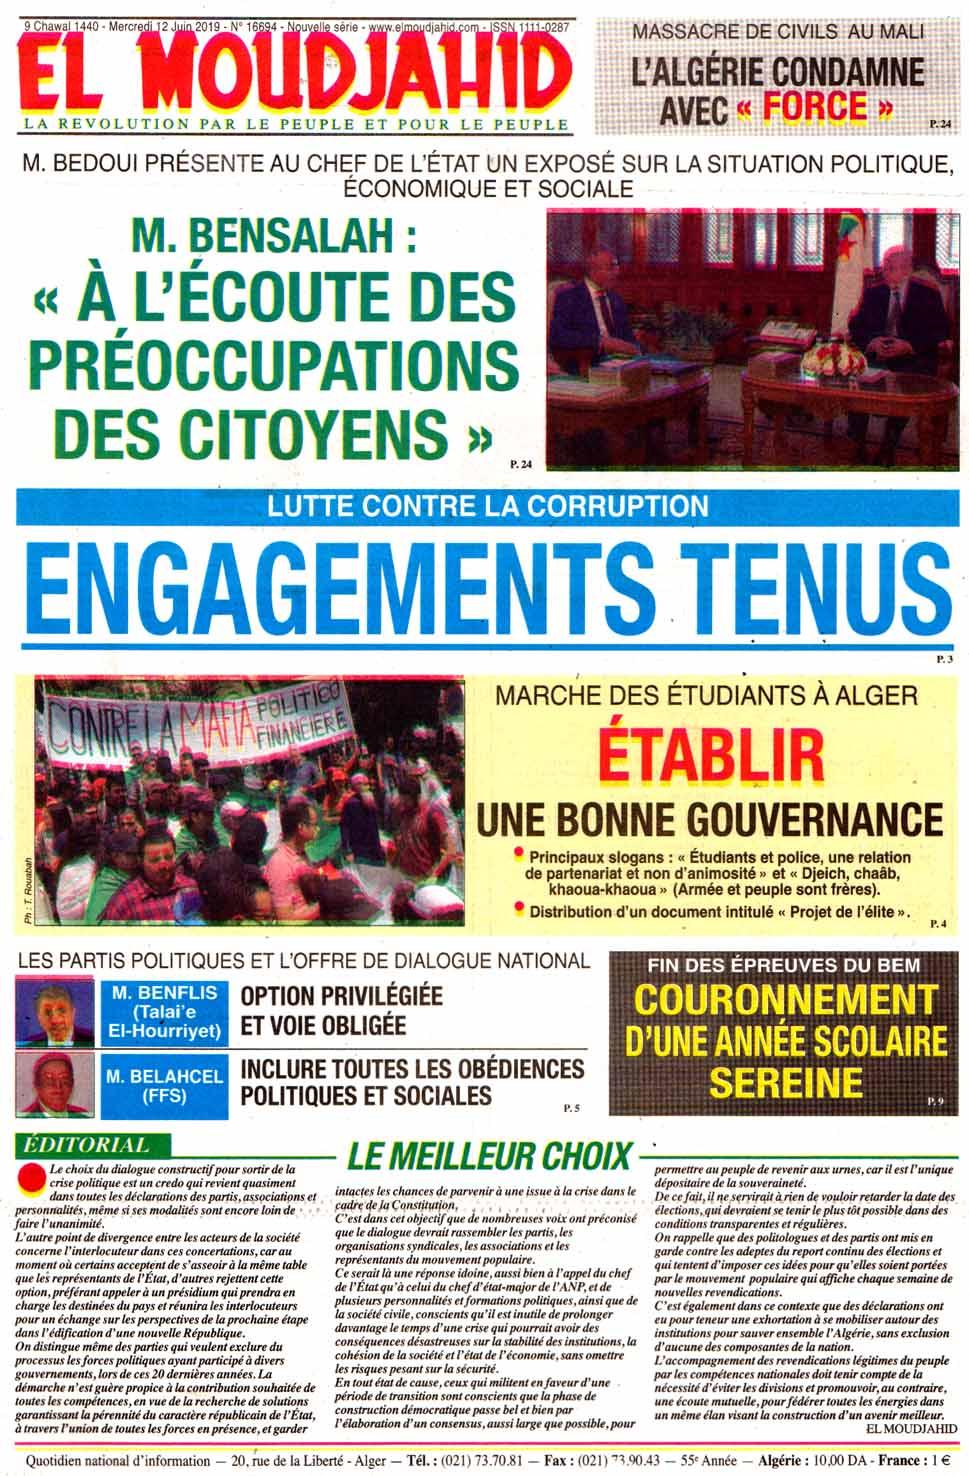 Bono Gratis Con Rollover Robux Hack Algerie Politique La Revue De Presse Du Mercredi 12 Juin 2019 Pressia